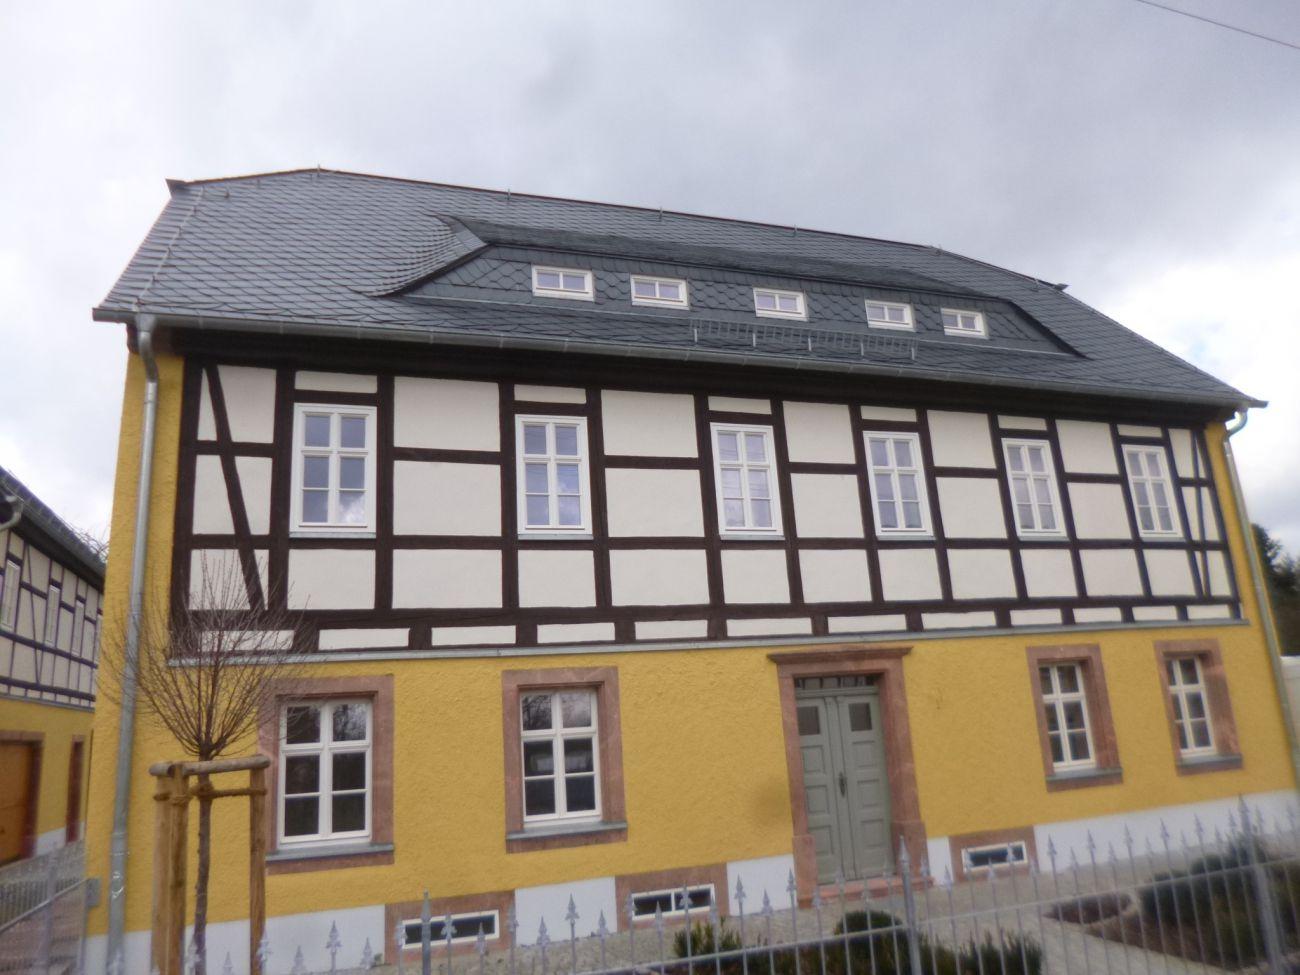 Wunderbar Wohnzimmer Grau Streichen Bilder Die Besten Wohnideen Kinjolas